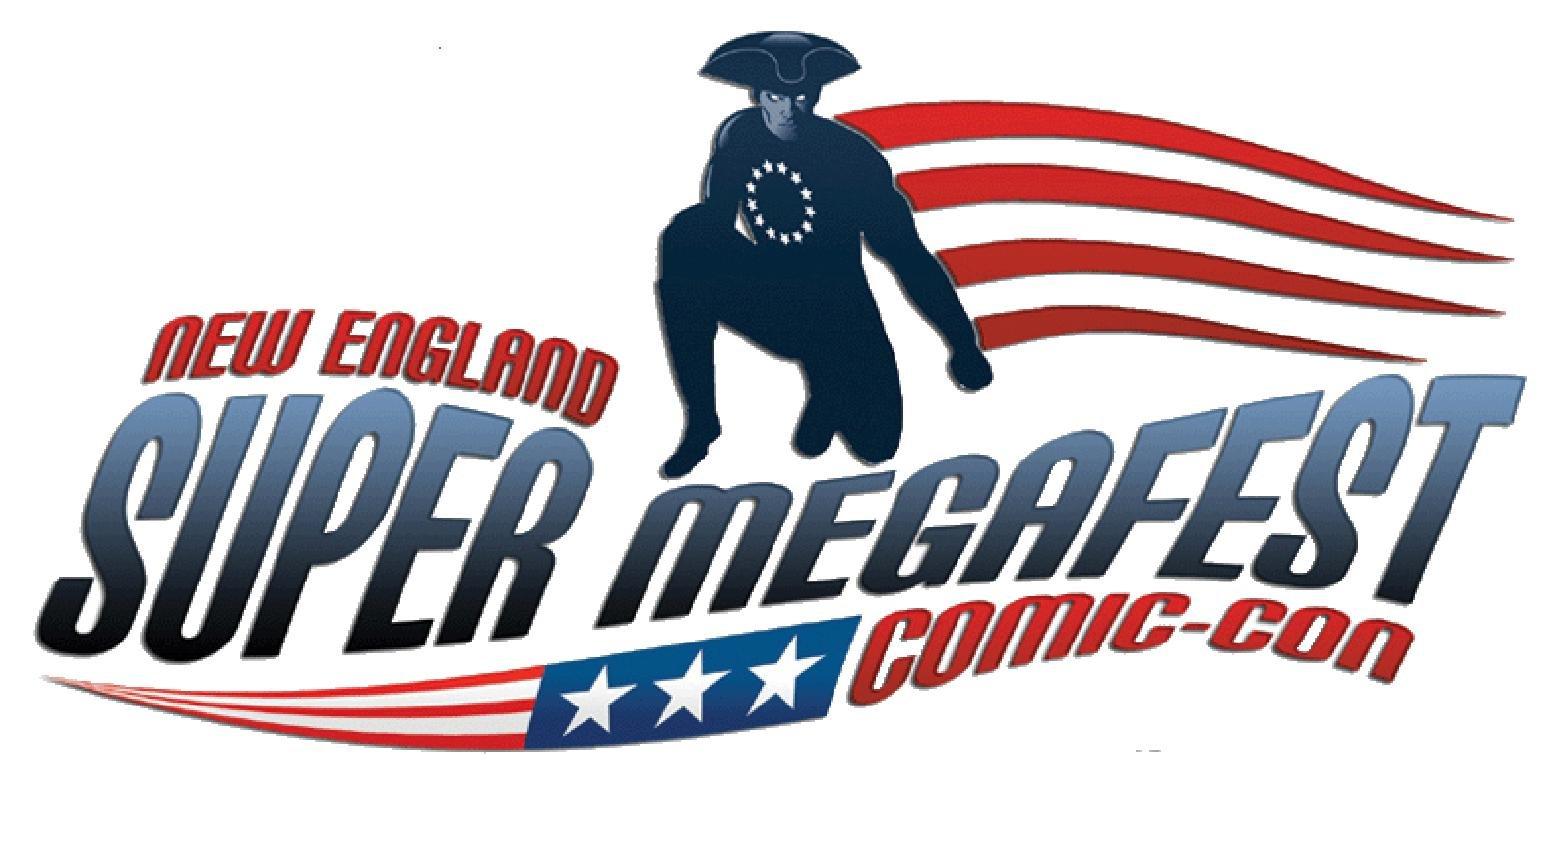 SuperMegafest